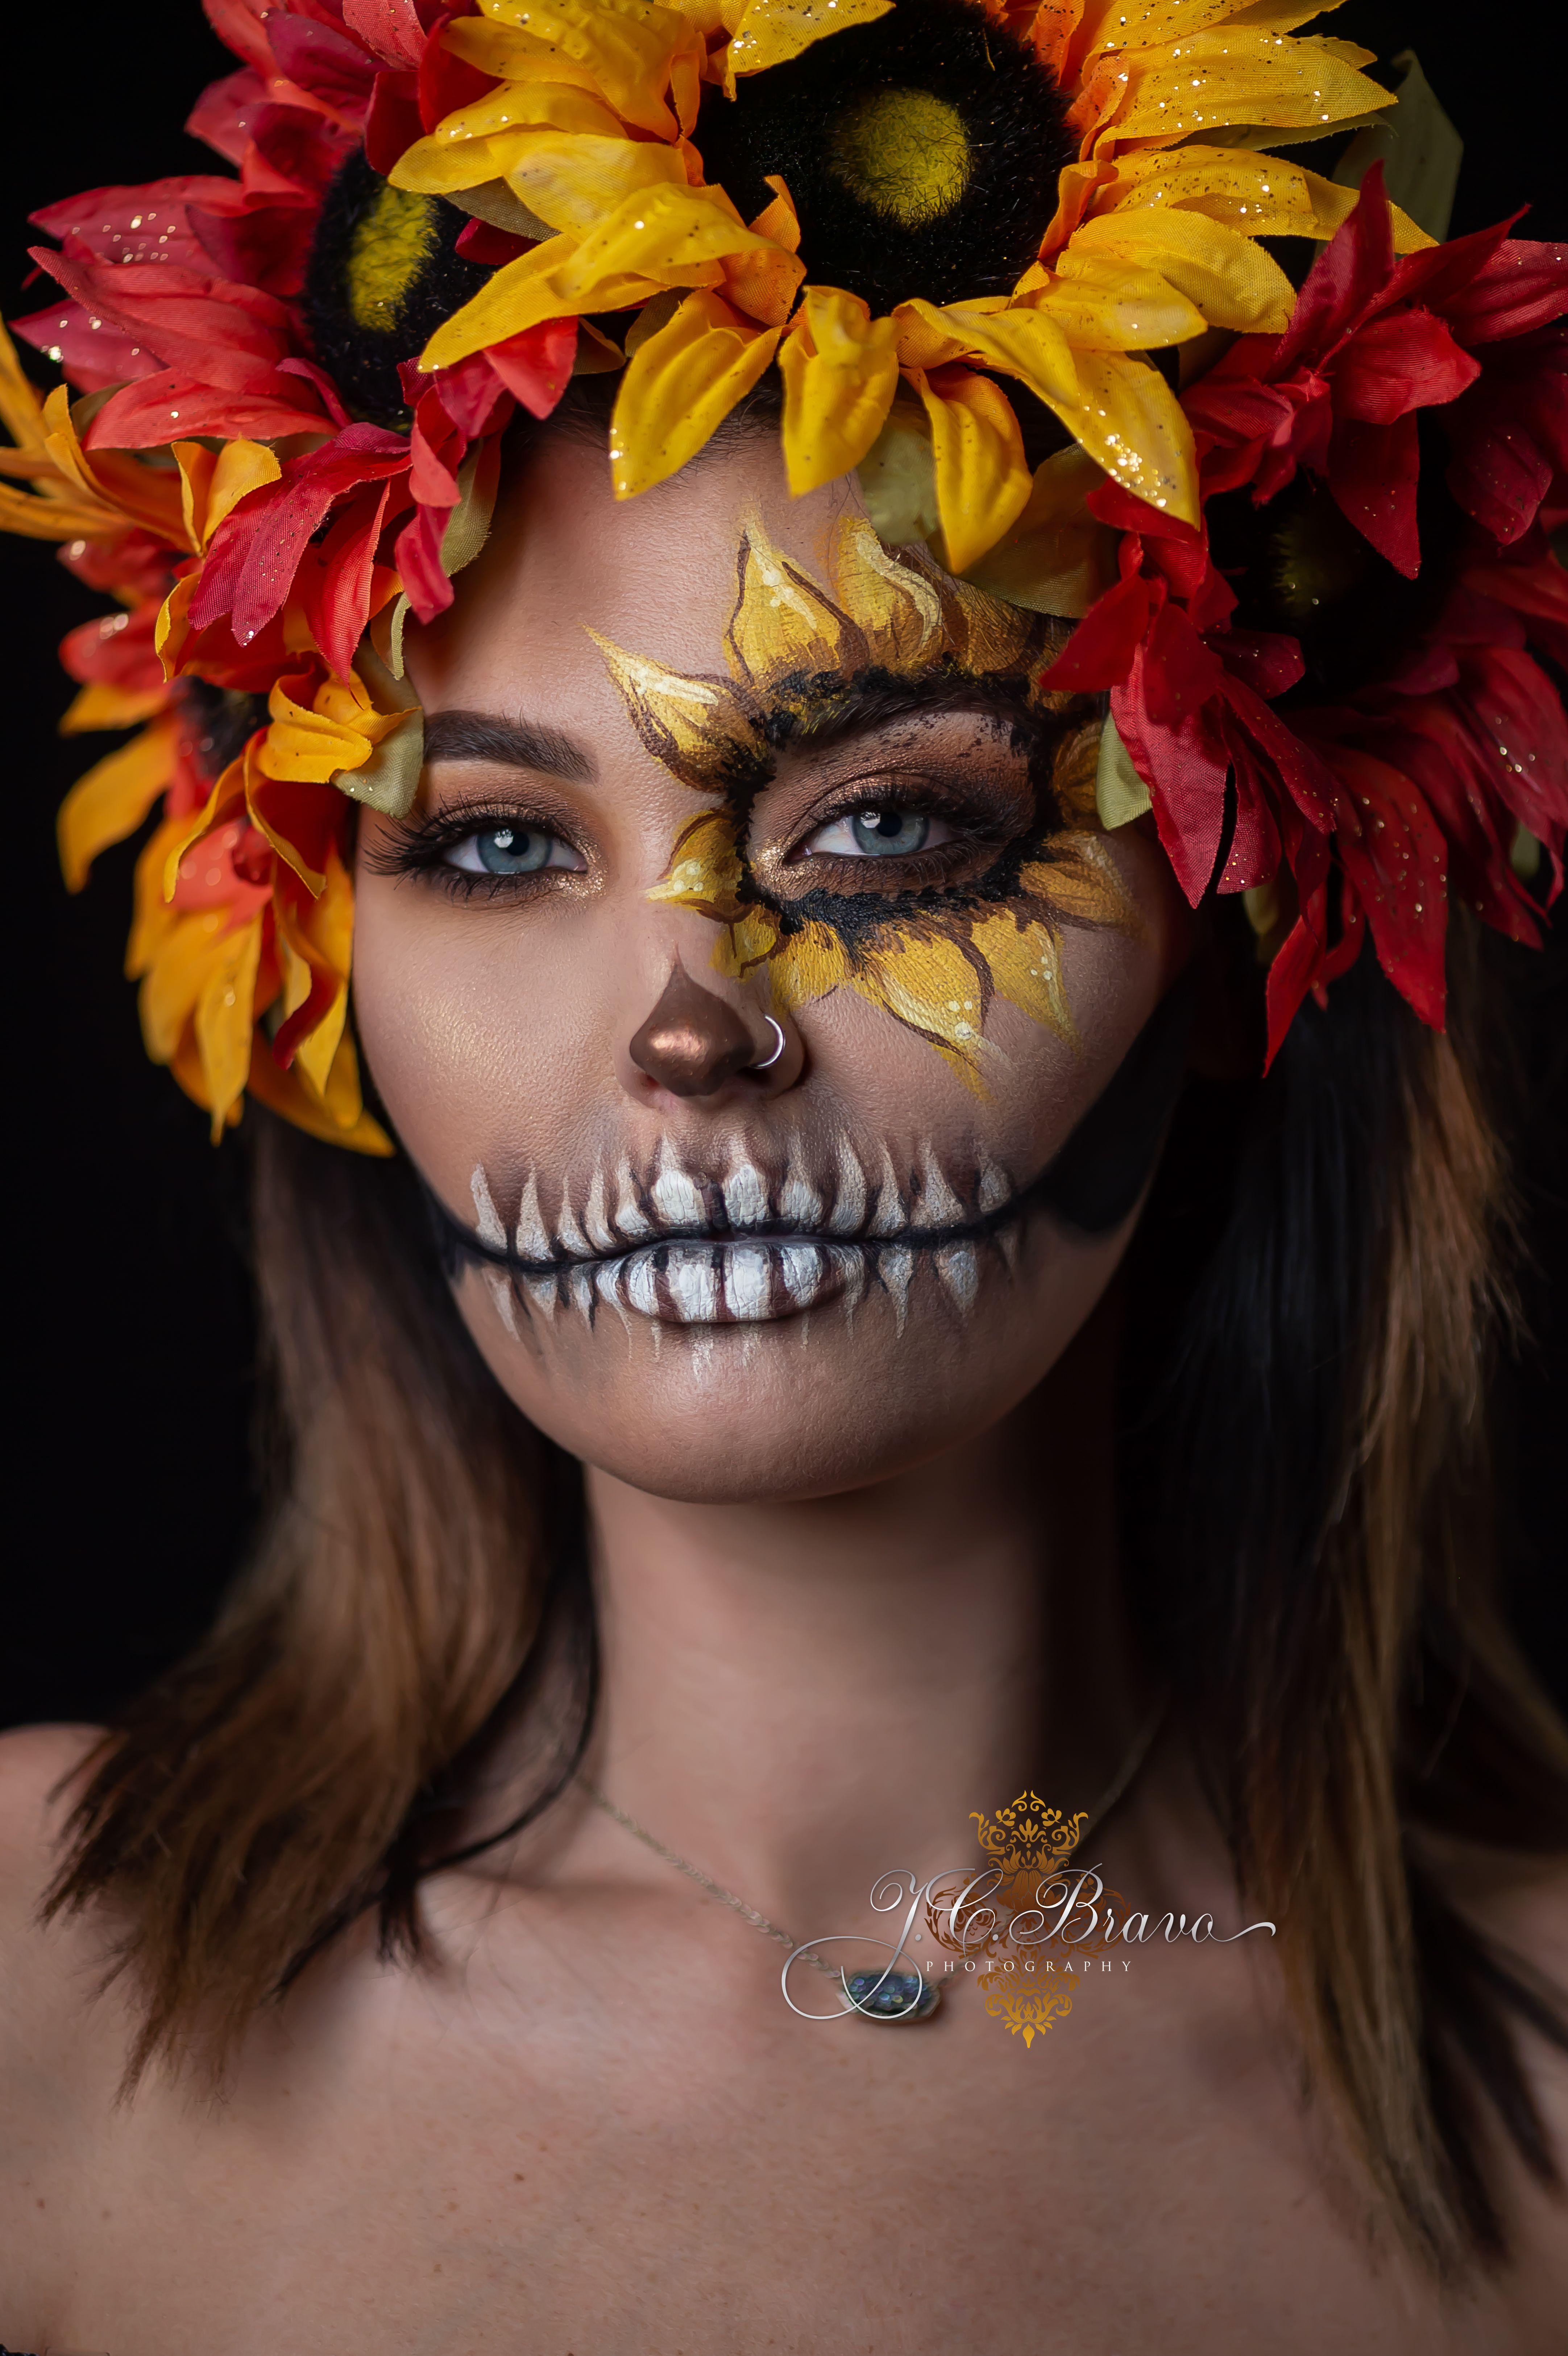 Sugar Skull shoot from our annual Dia De Los Muertos in